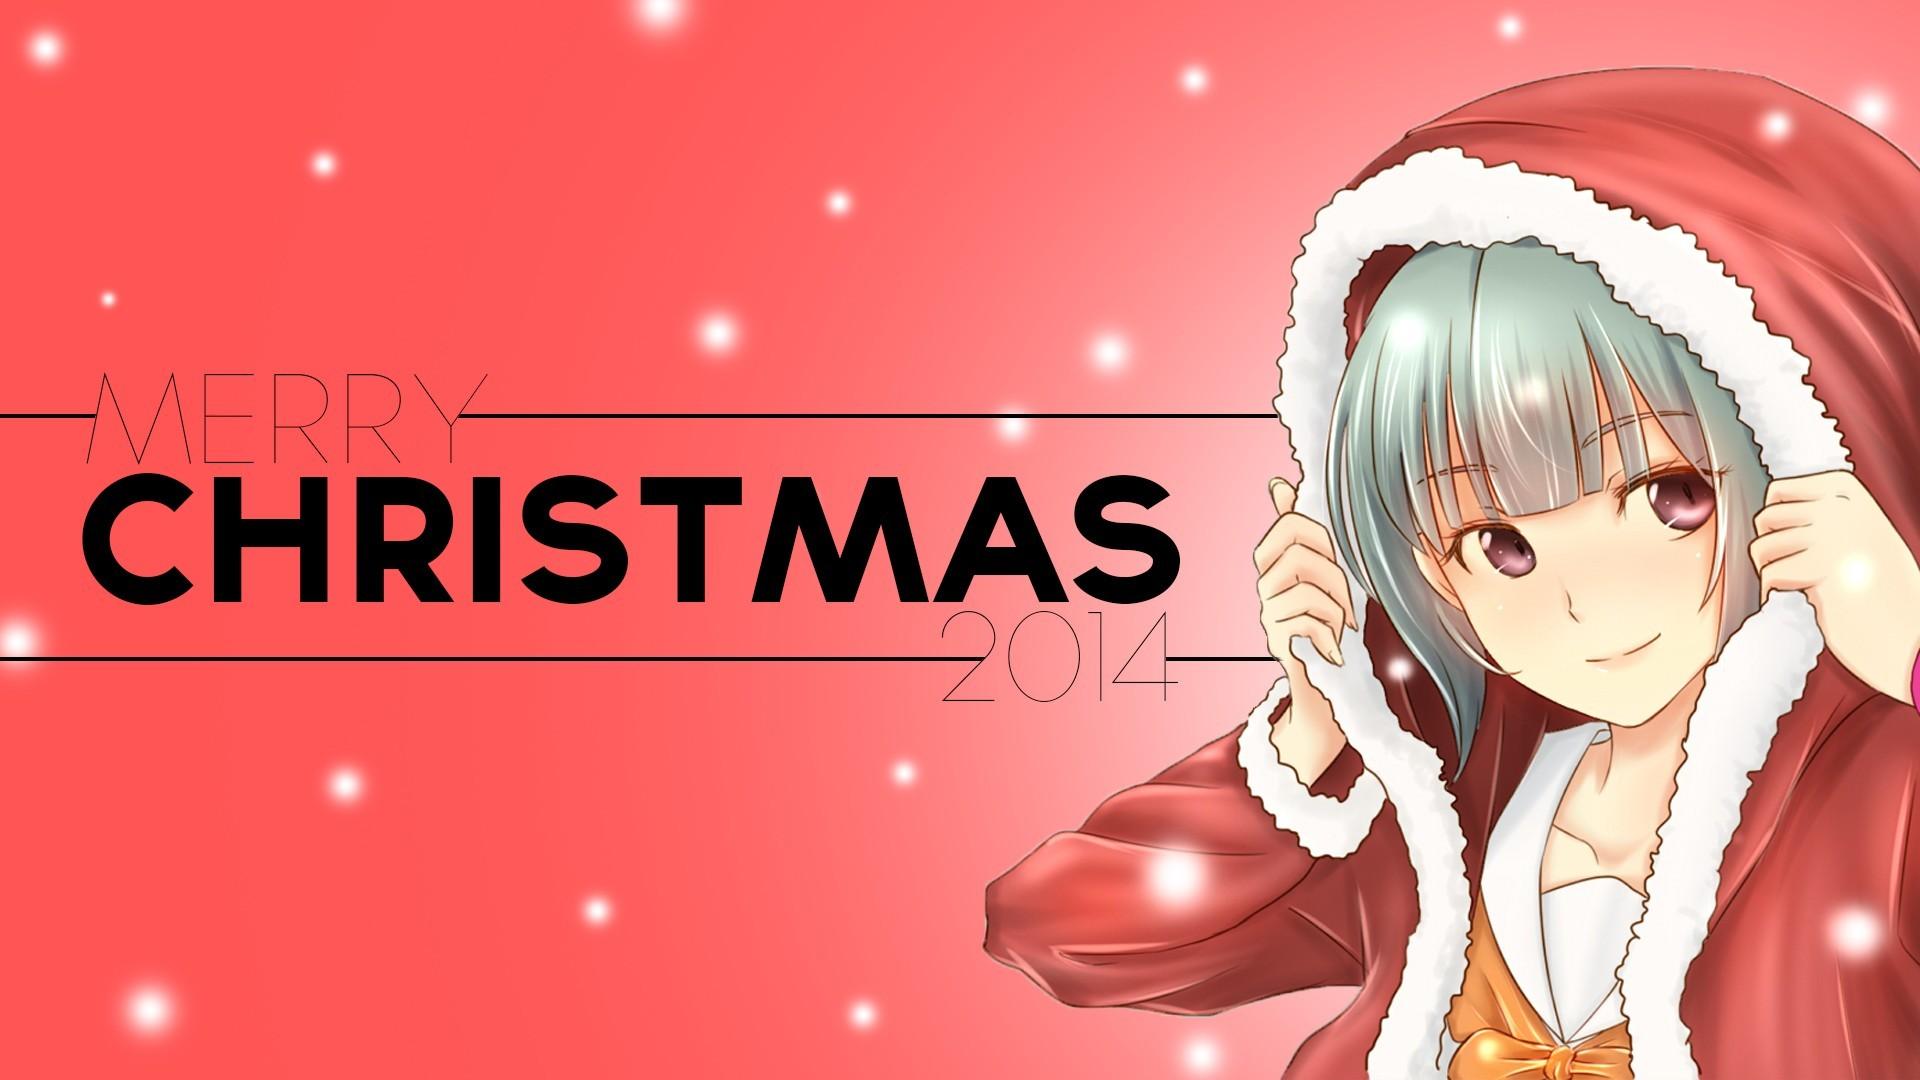 Christmas, Anime, Anime Girls, Kantai Collection, Yuubari (KanColle) Wallpapers  HD / Desktop and Mobile Backgrounds